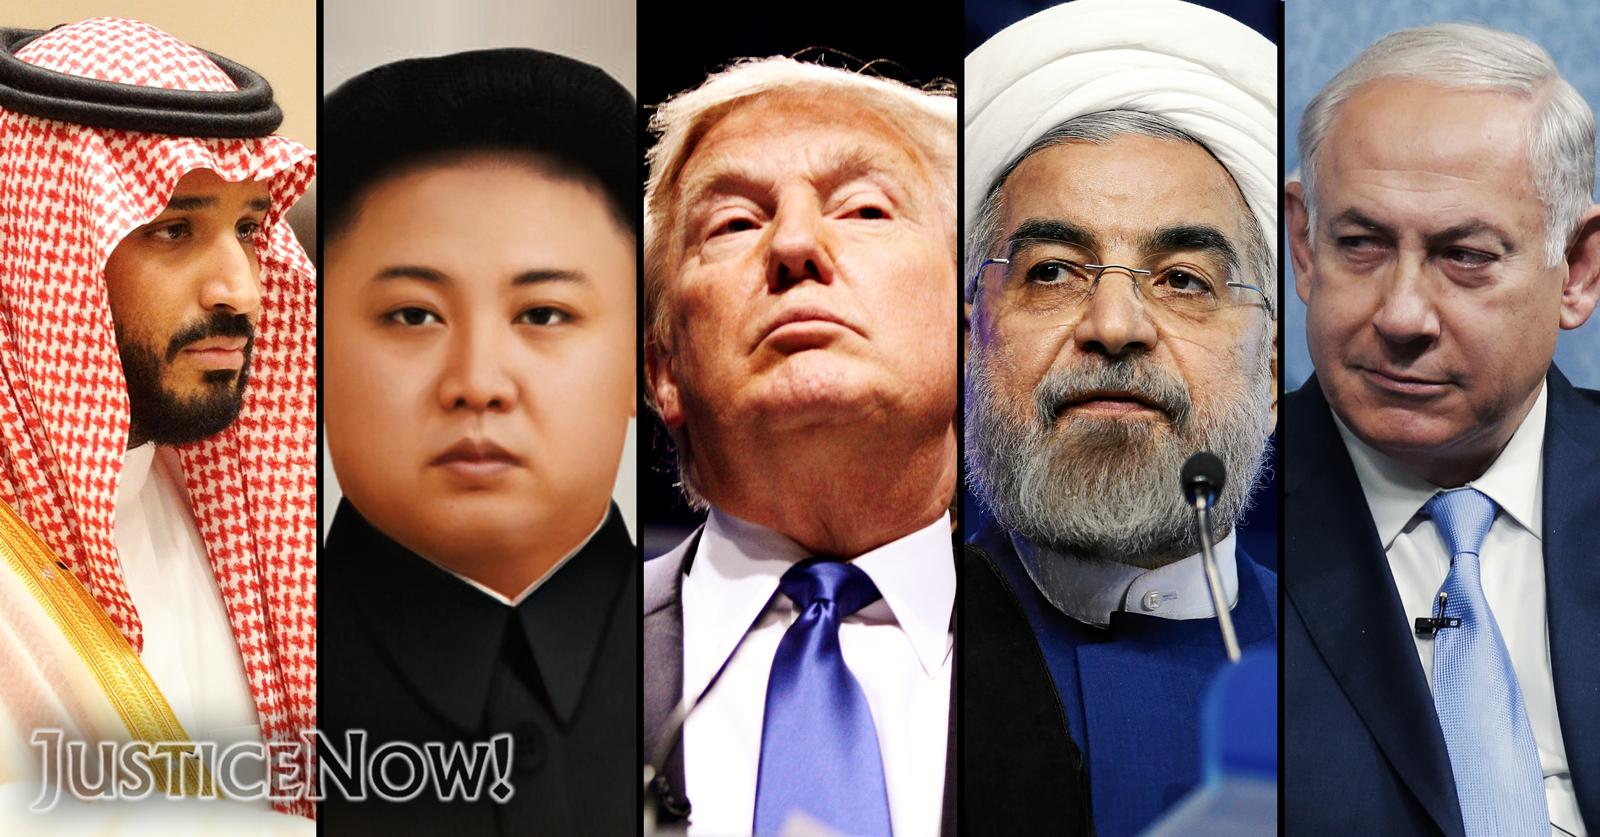 Bildergebnis für Iran ist nicht Nordkorea: Trumps Verbündete wollen Krieg statt Frieden